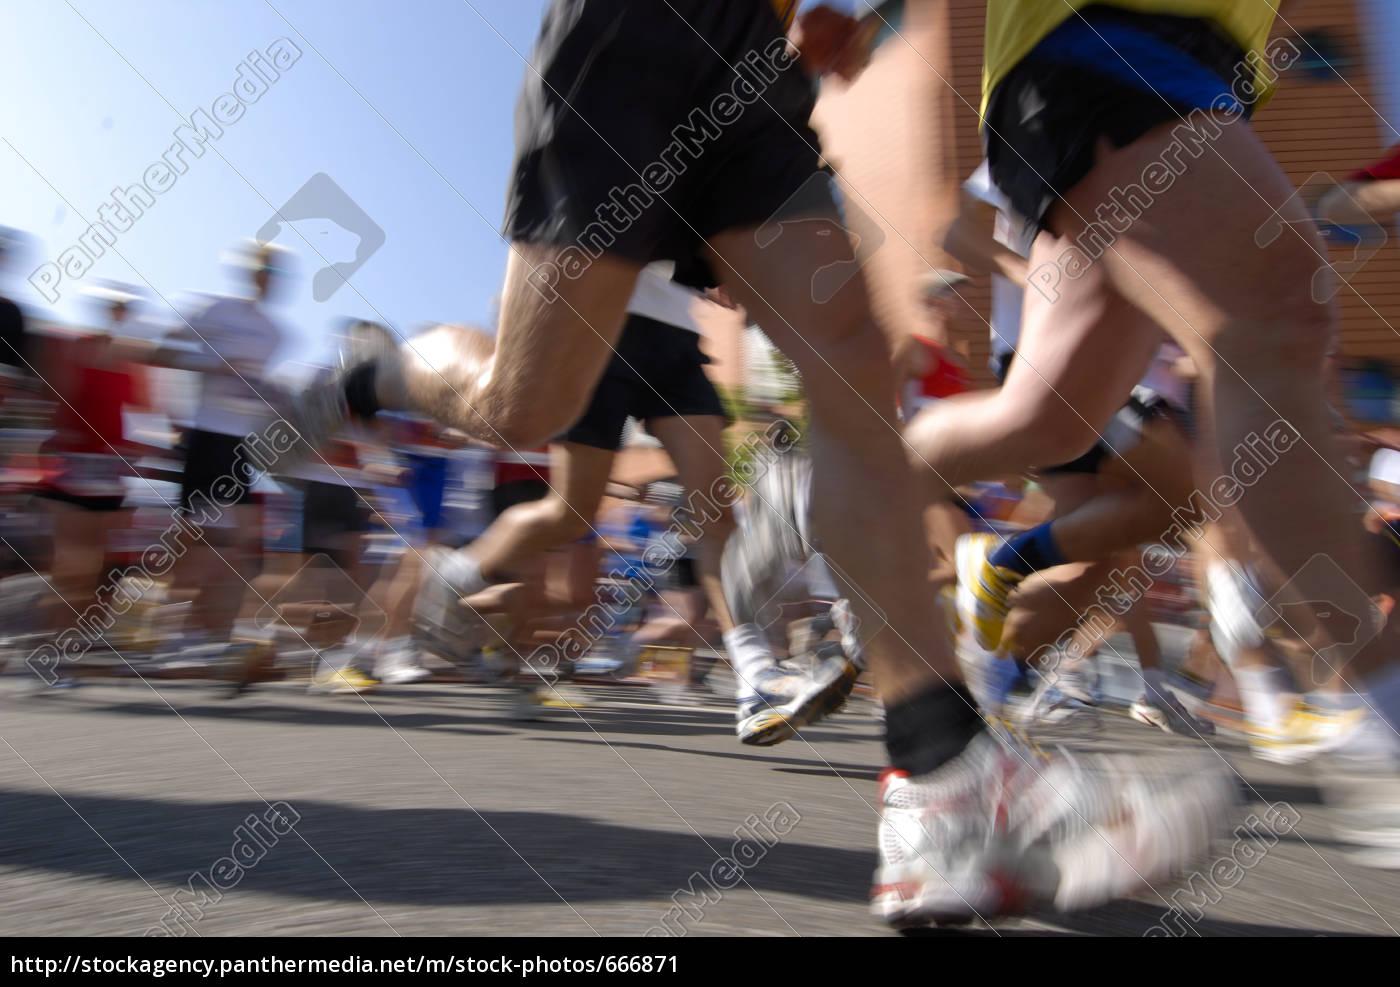 jogging - 666871